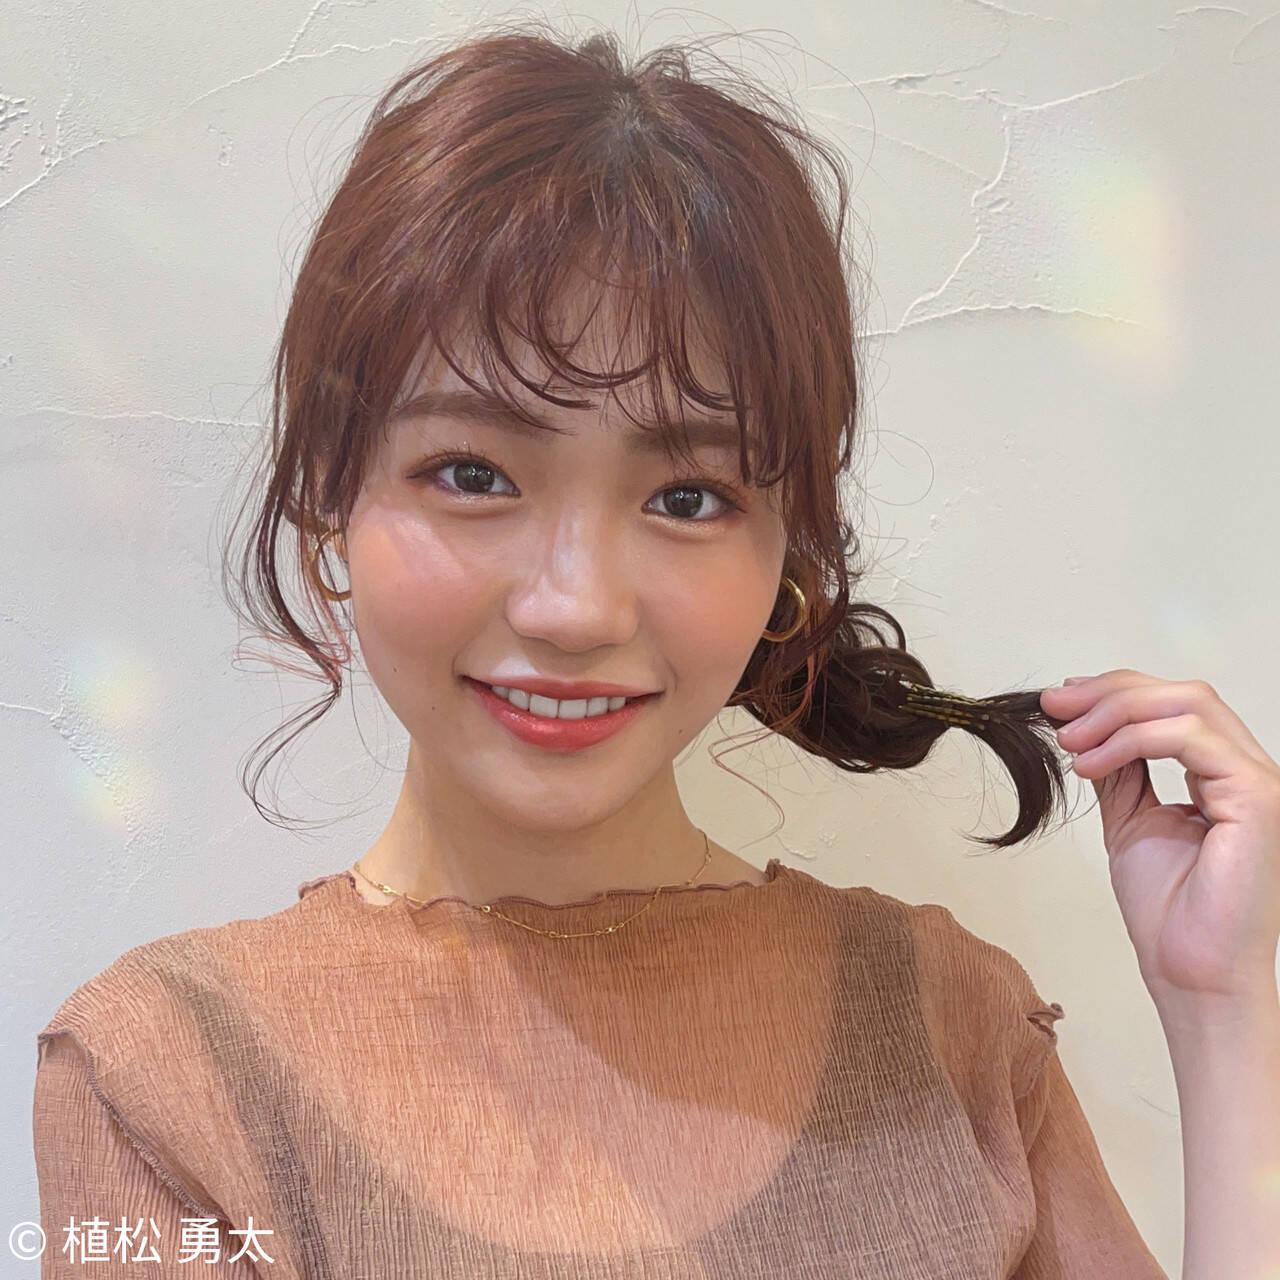 ミディアム ヘアアレンジ フィッシュボーン ナチュラルヘアスタイルや髪型の写真・画像